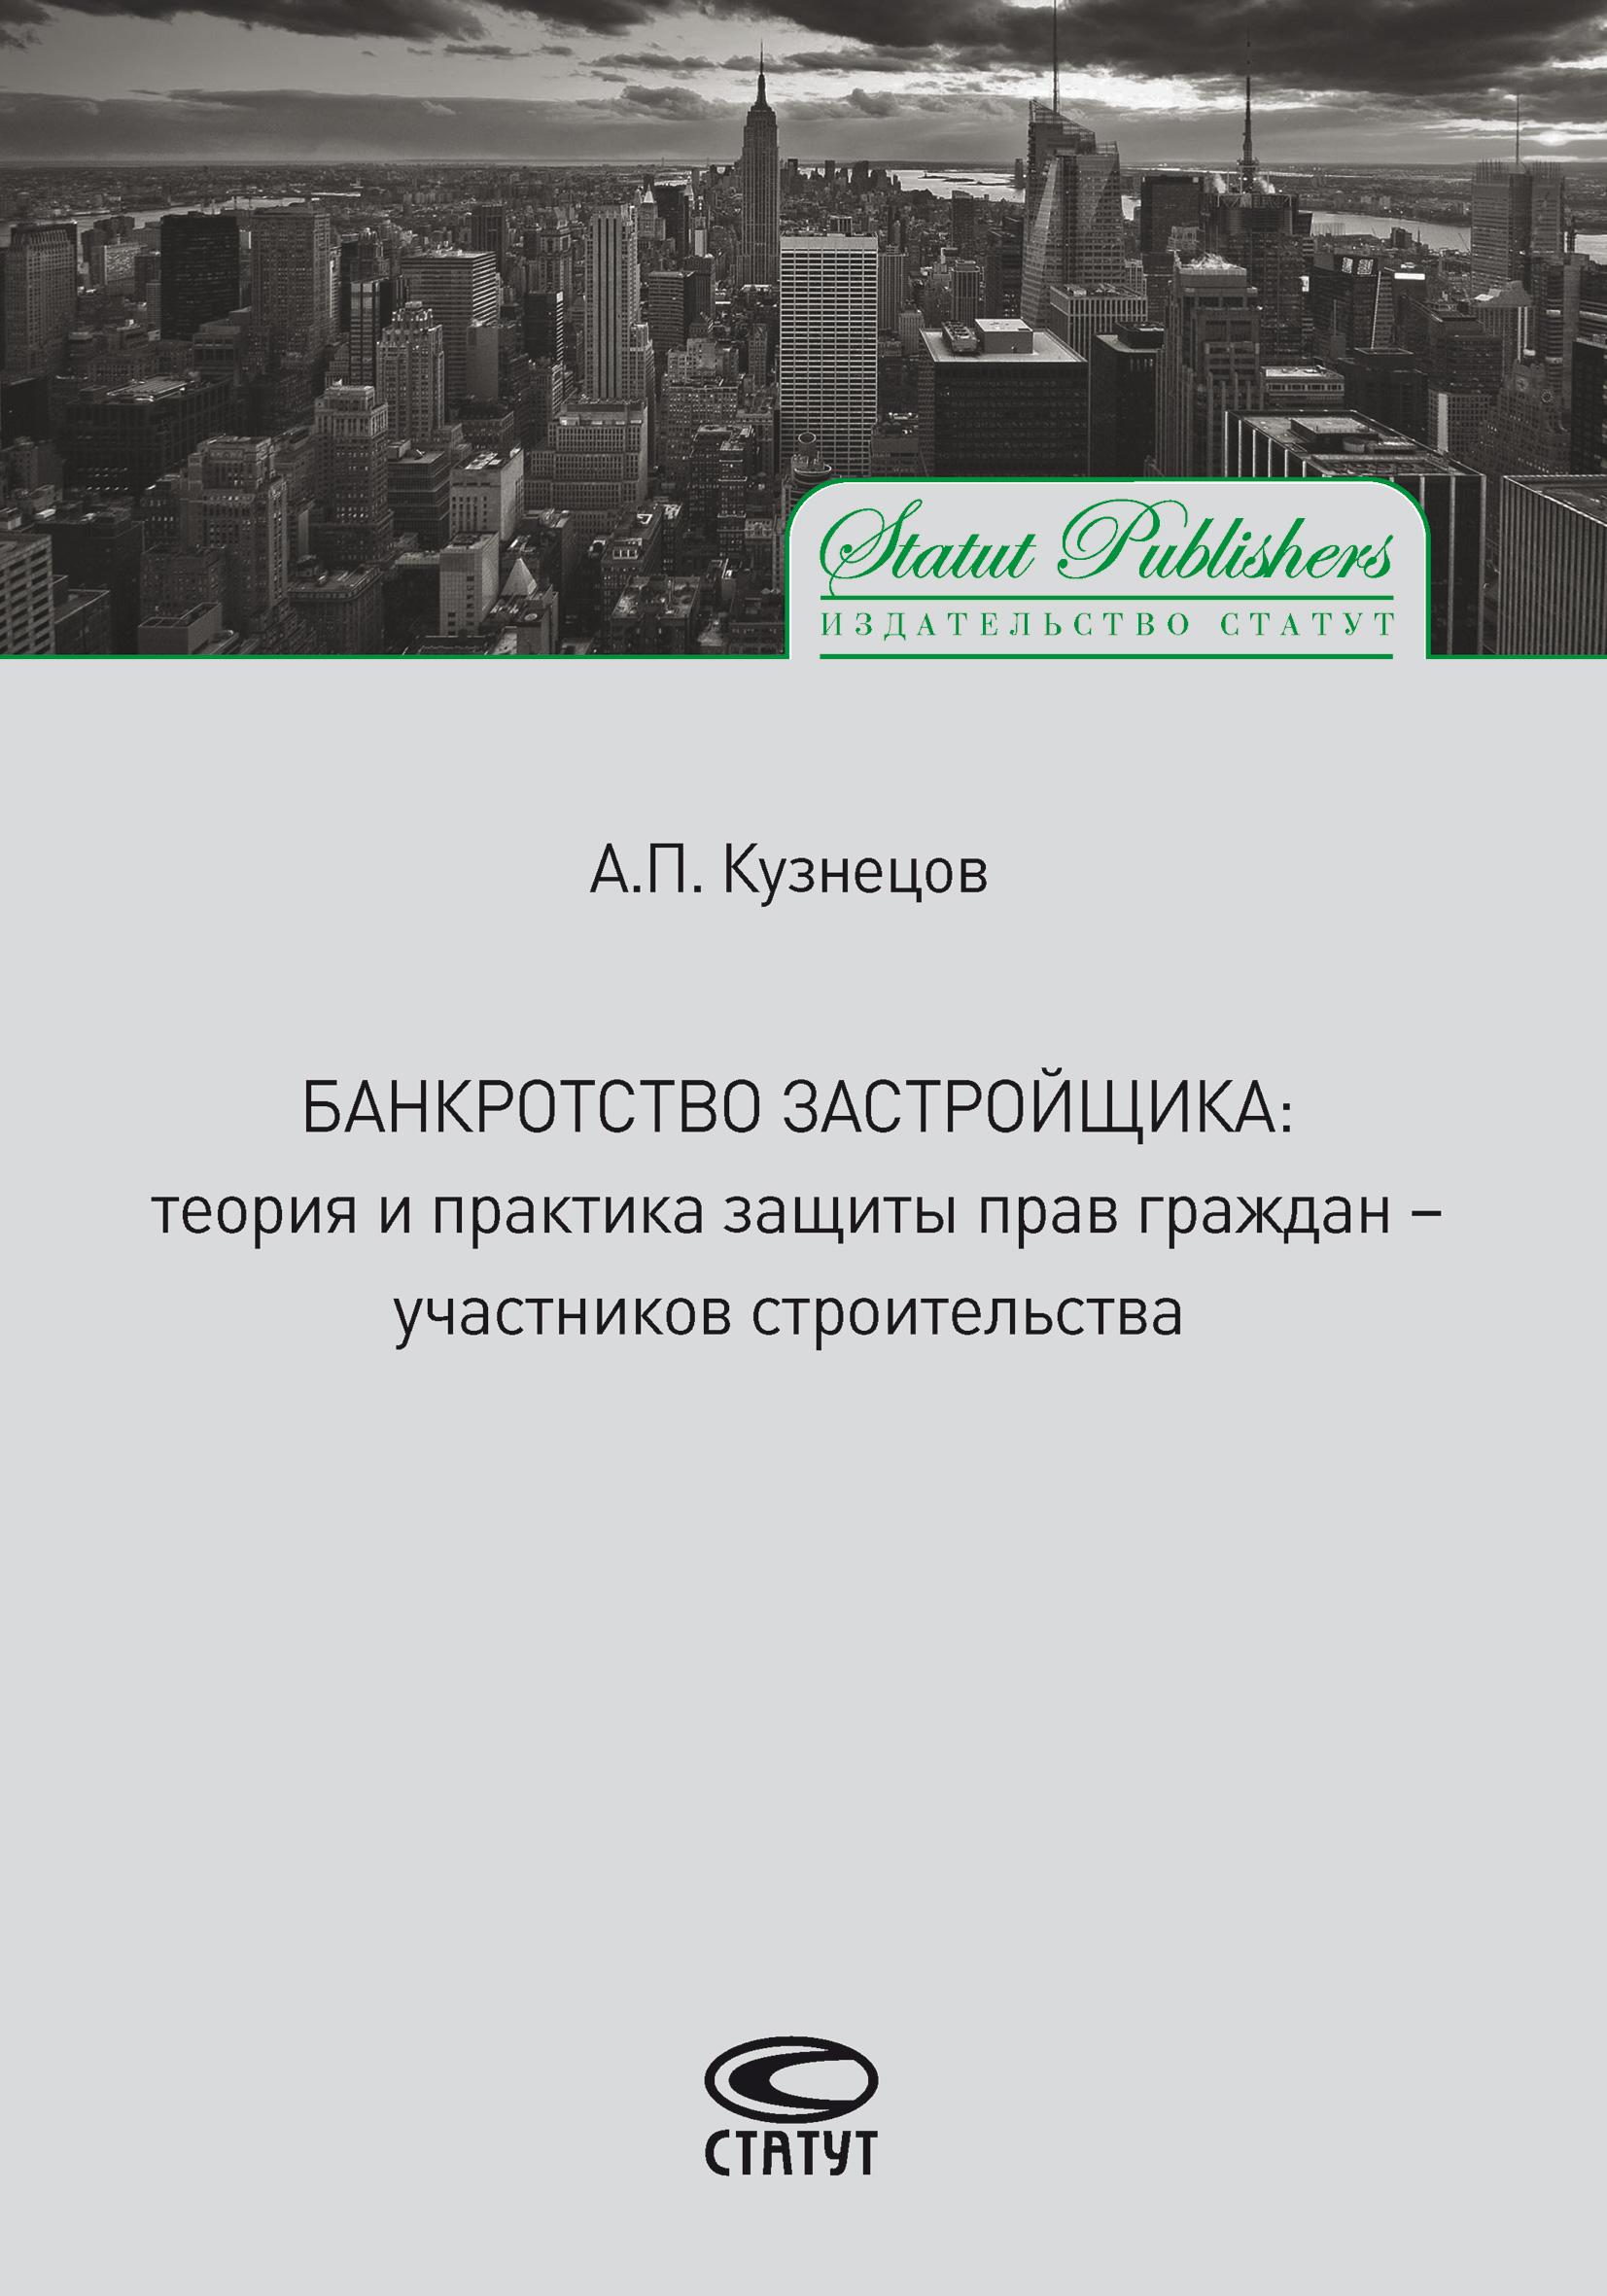 Банкротство застройщика. Теория и практика защиты прав граждан – участников строительства